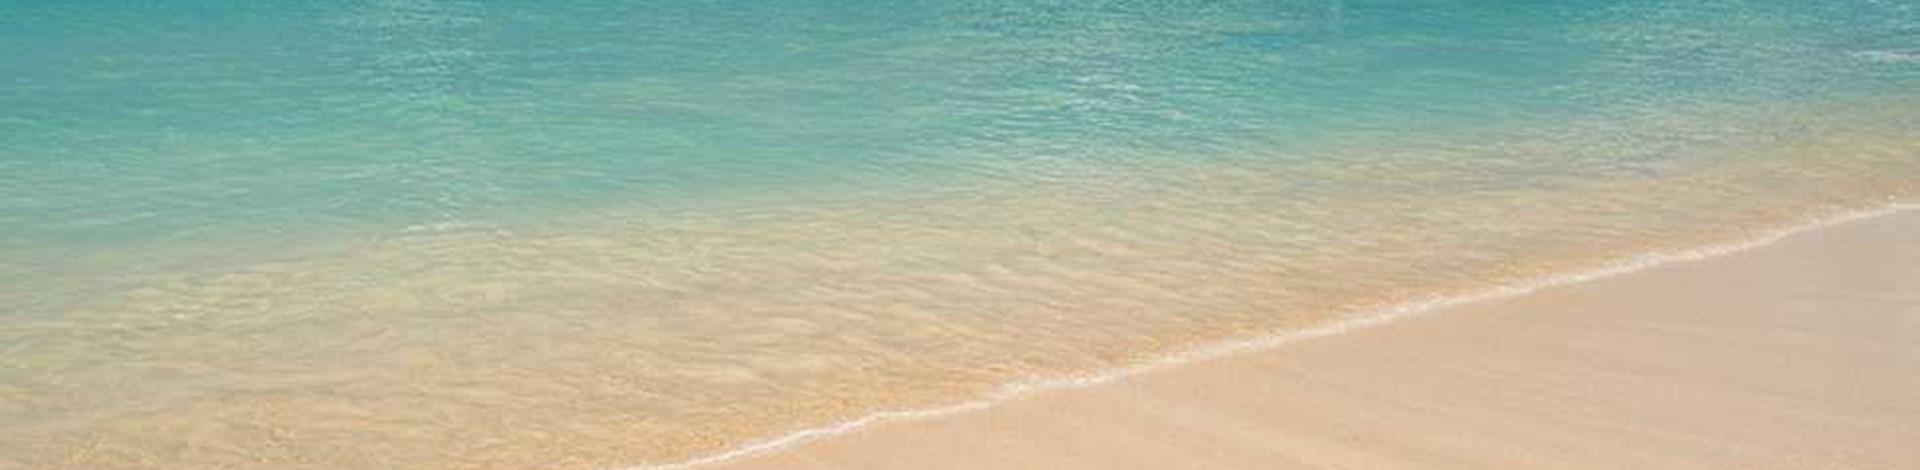 Malabar Beach